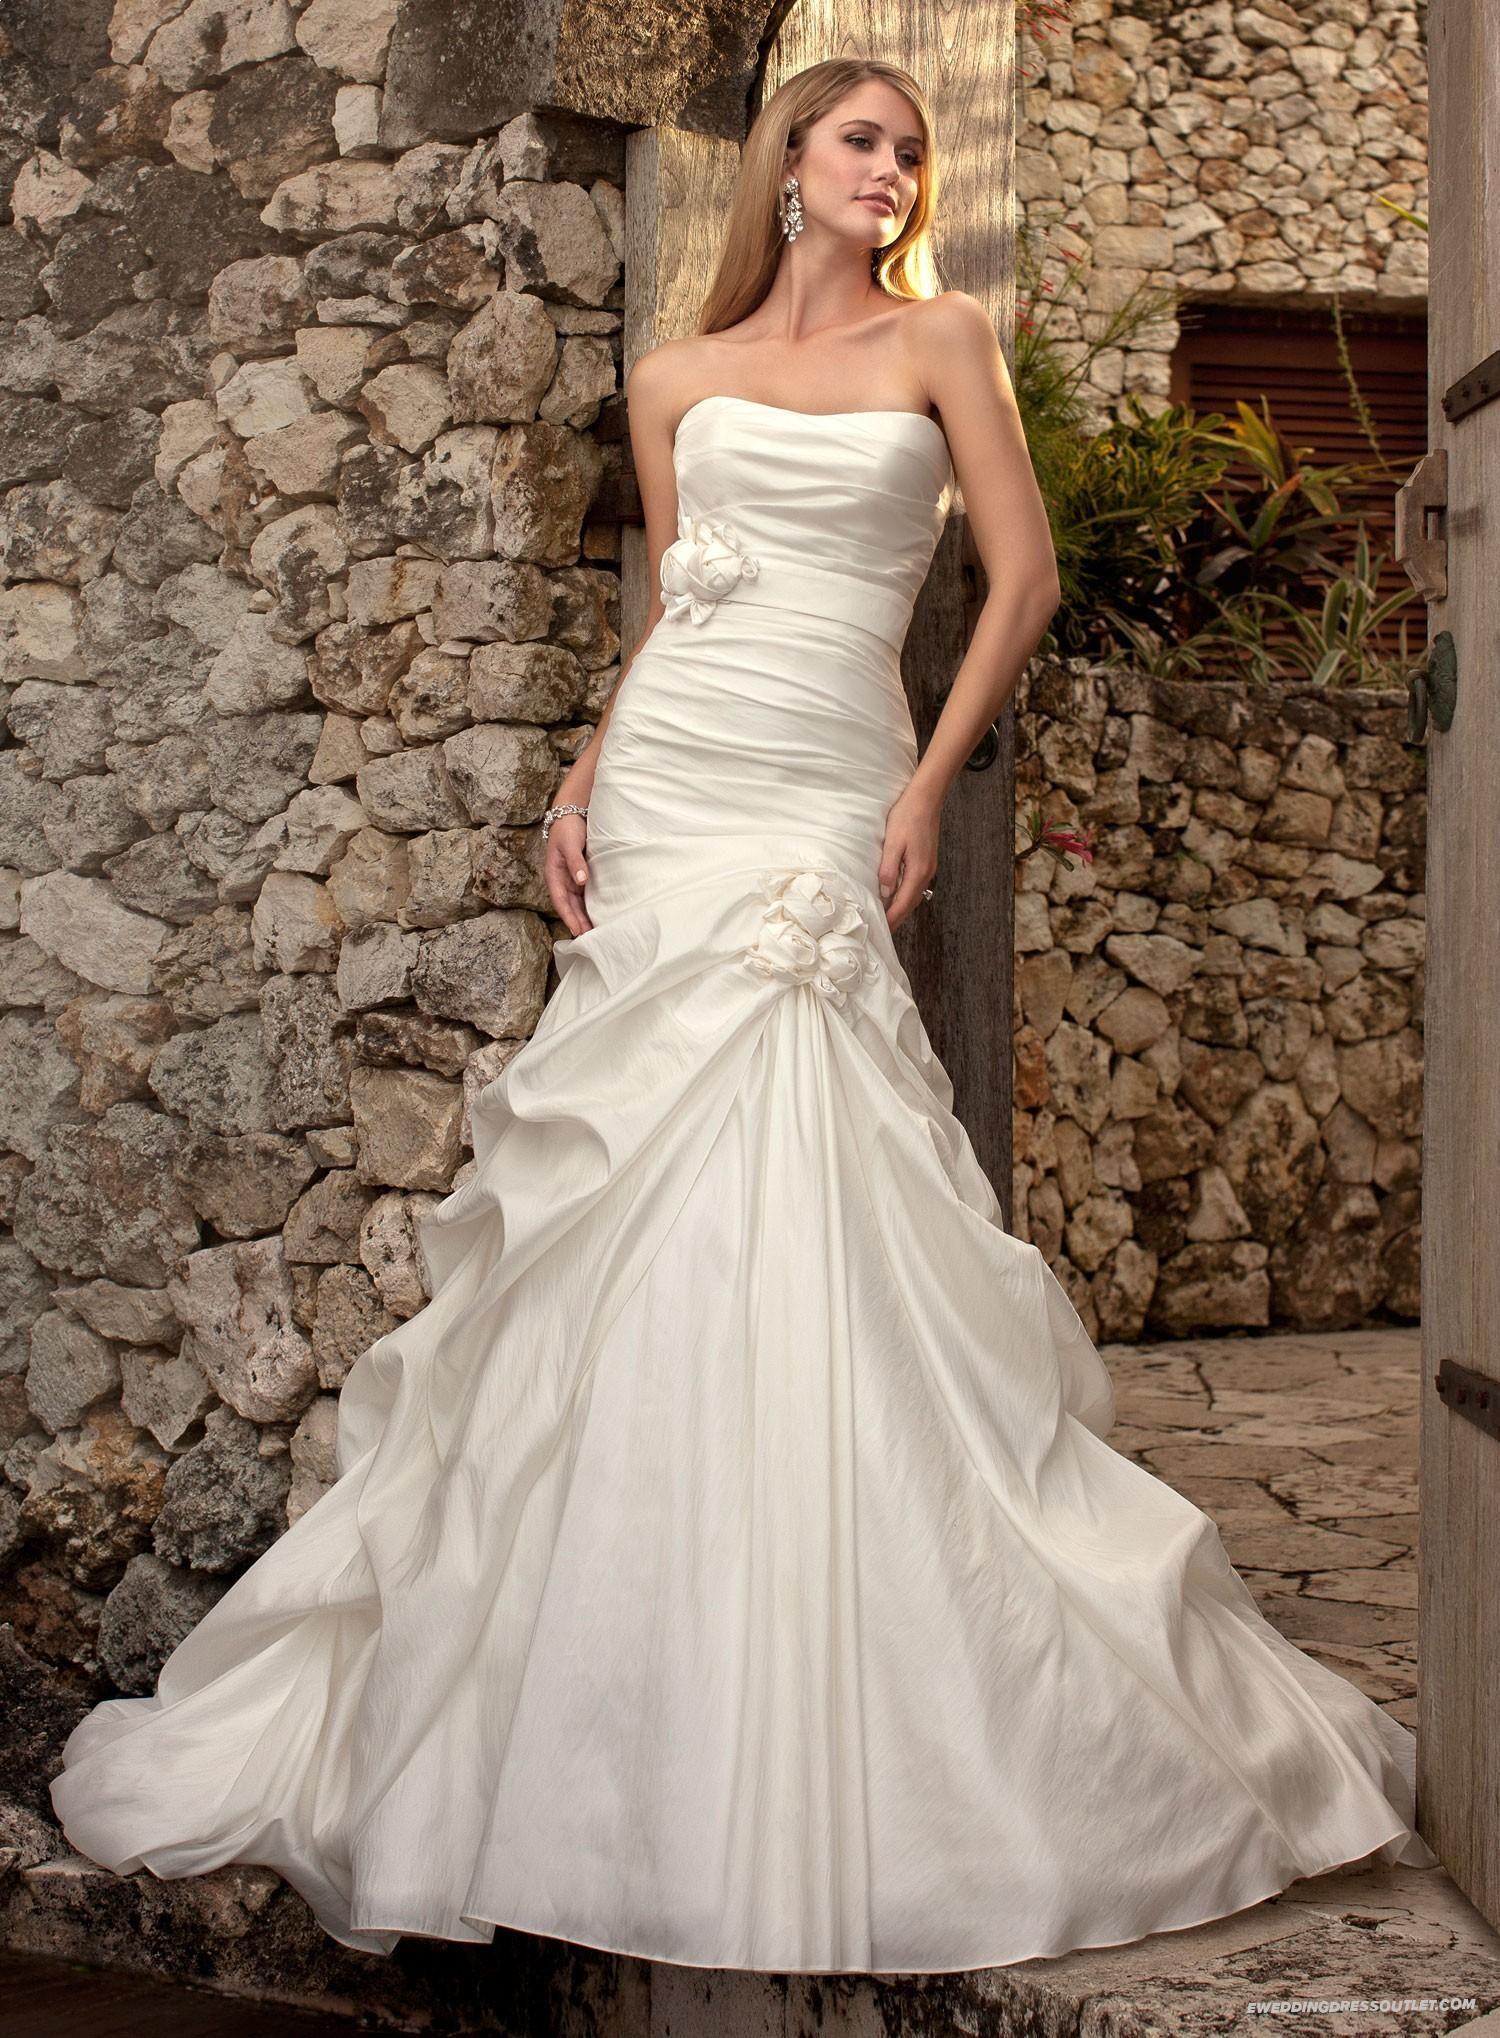 Einfache Sweetheart Elfenbein Taft Meerjungfrau Hochzeitskleid ...